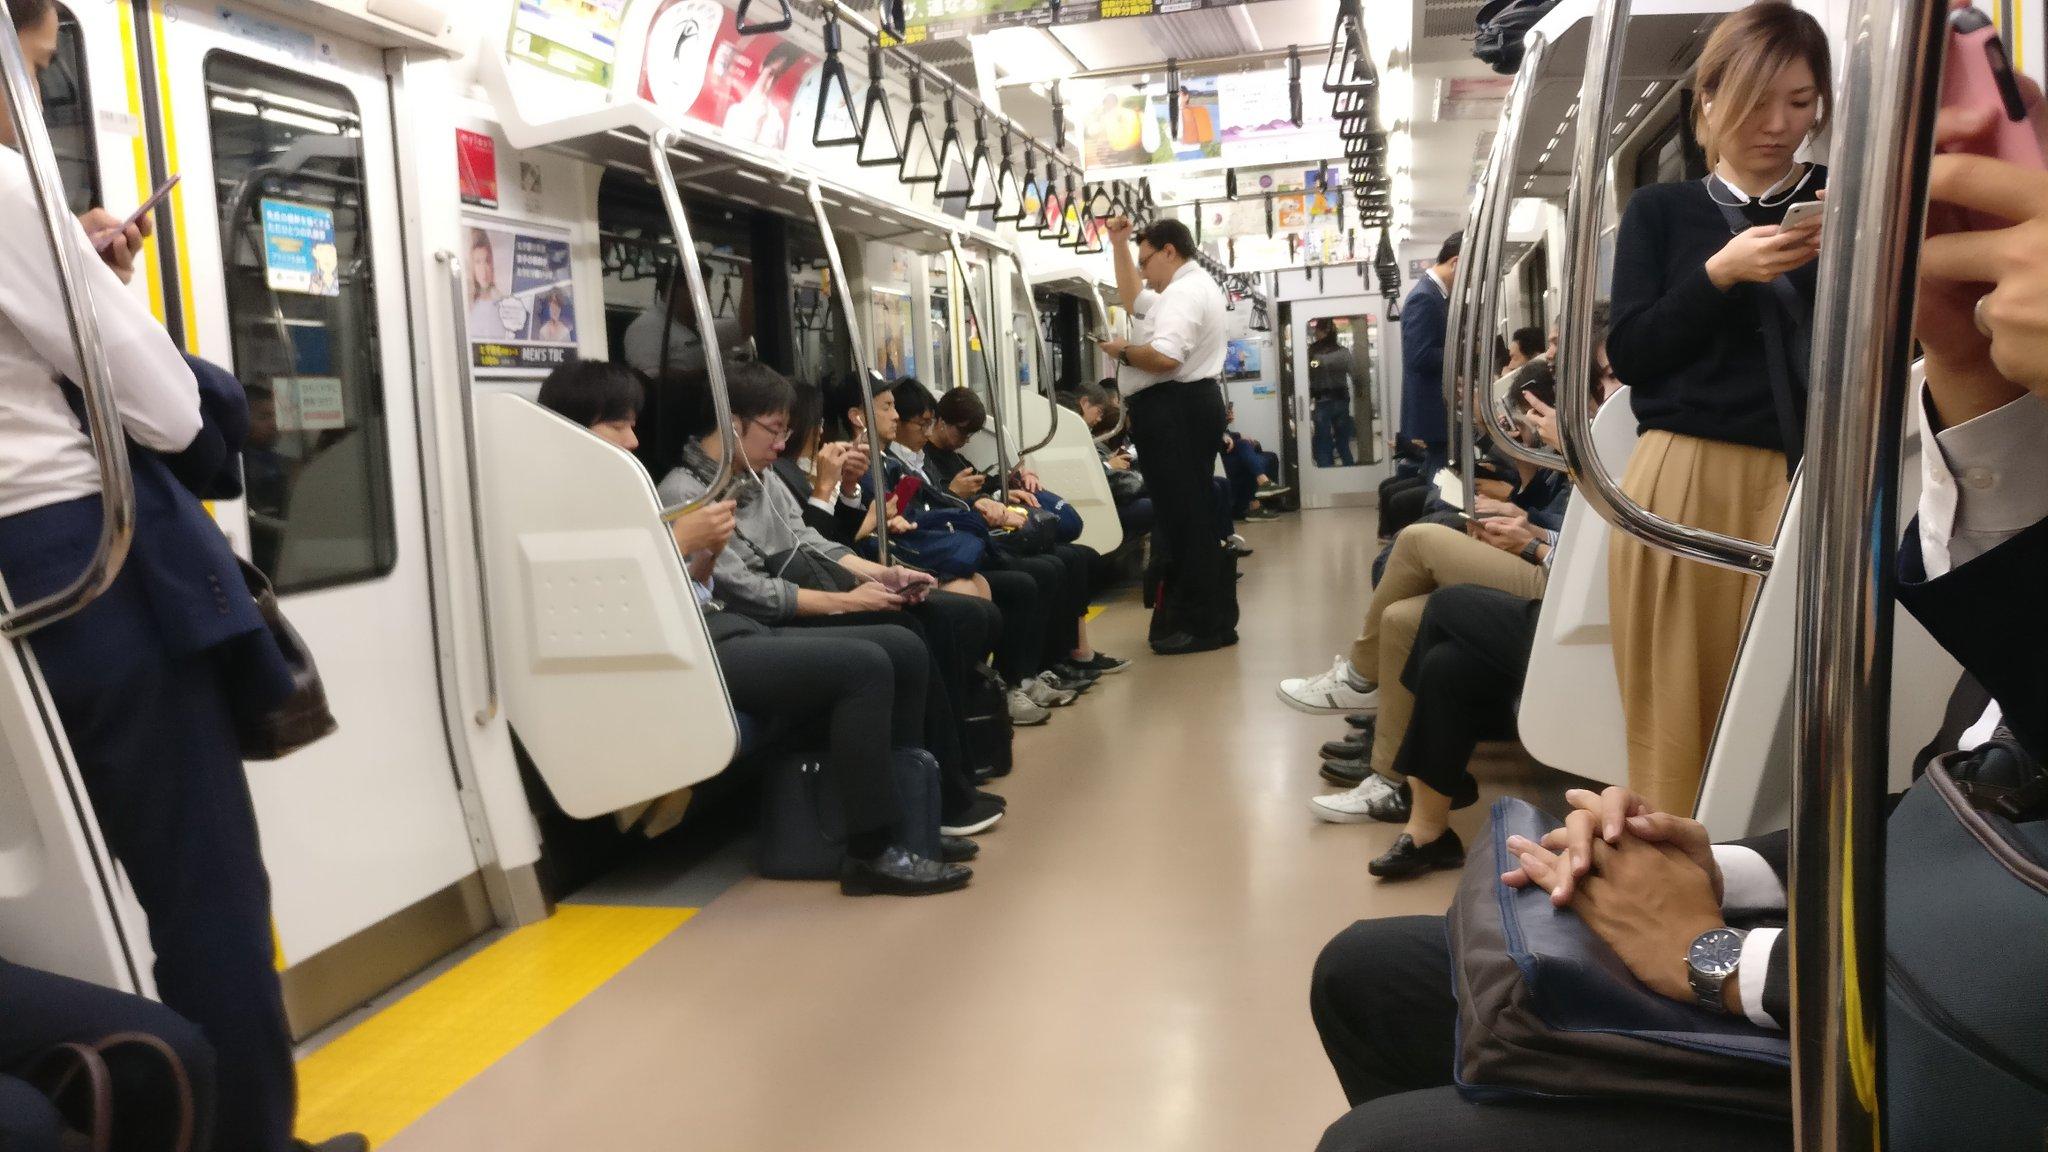 друзья никогда ютуб видео приставание в японском метро постарались подобрать онлайн